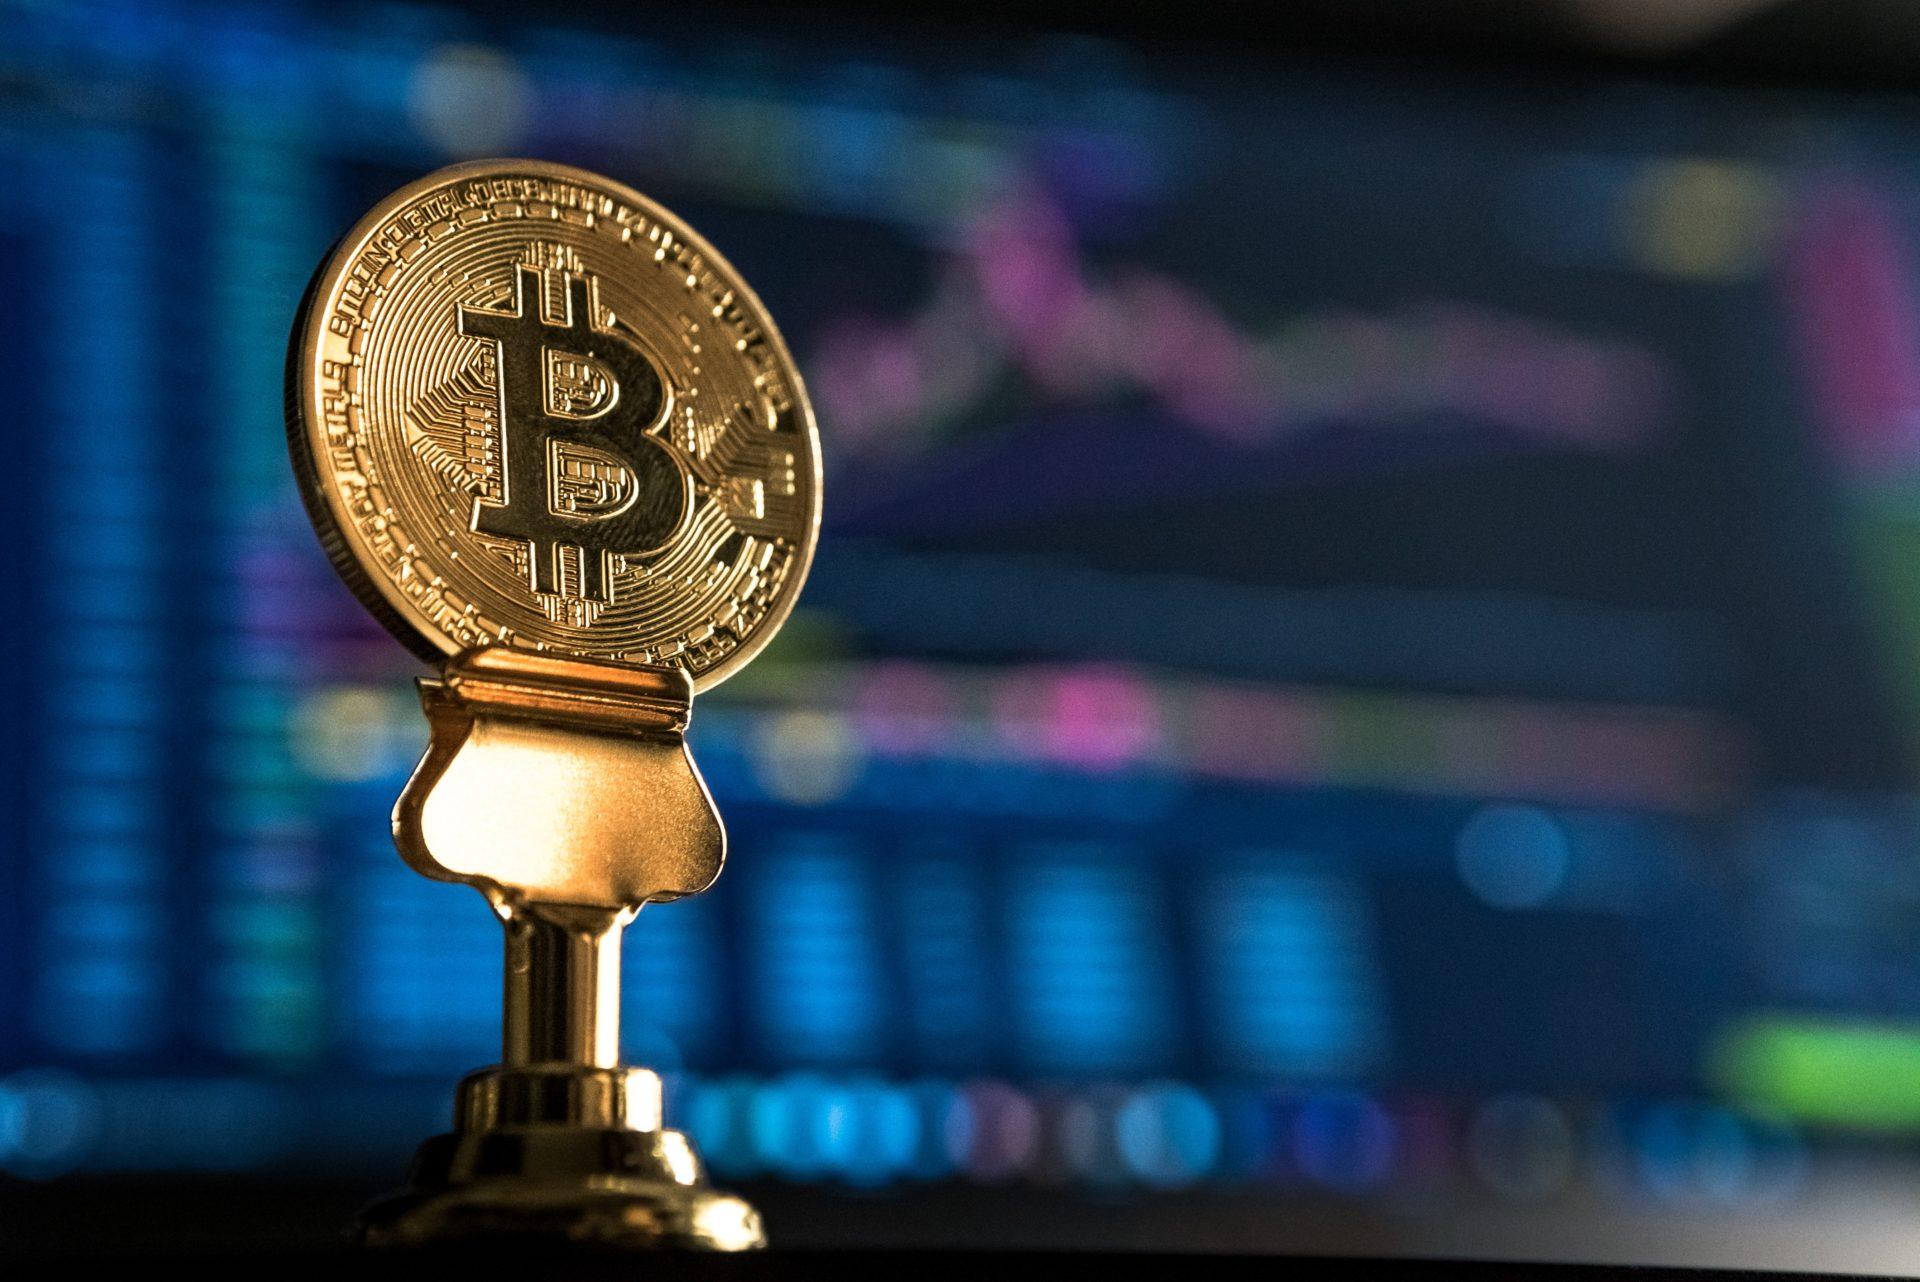 Prominent Exec: FOMO Will Drive Next Crypto Bull Run, Bitcoin (BTC) To Breakout 13